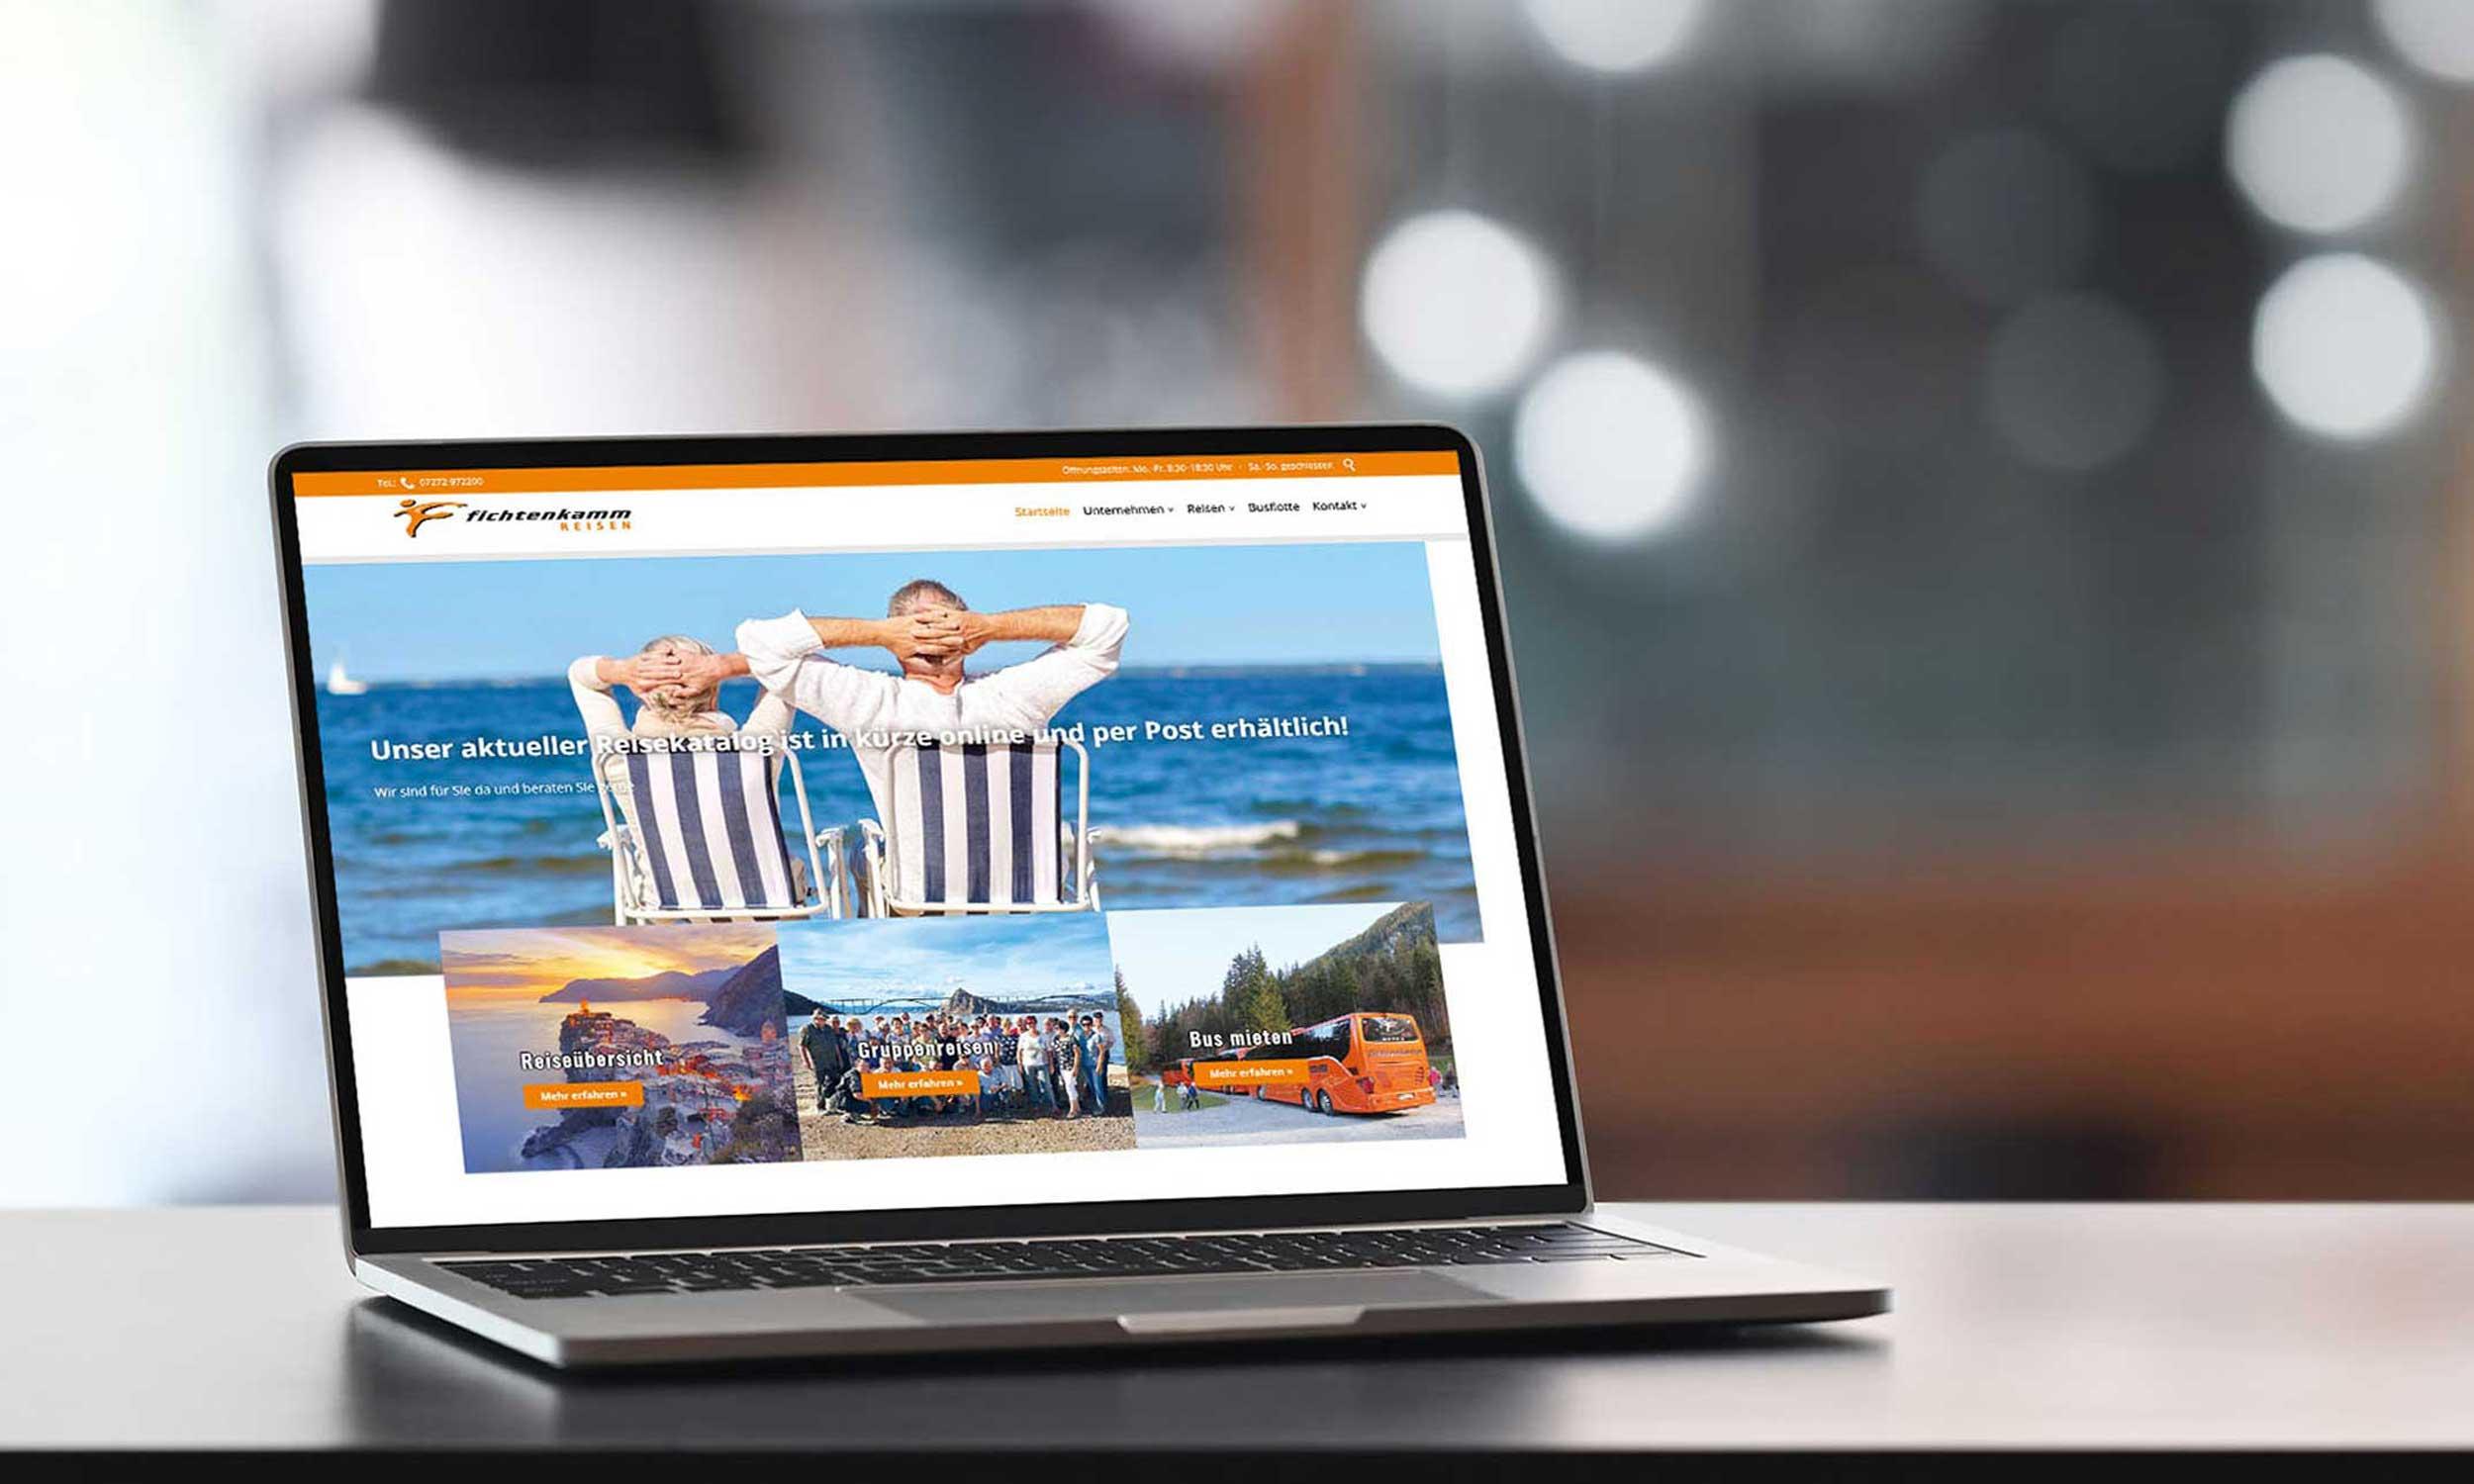 Fichtenkamm – Webdesign & -entwicklung